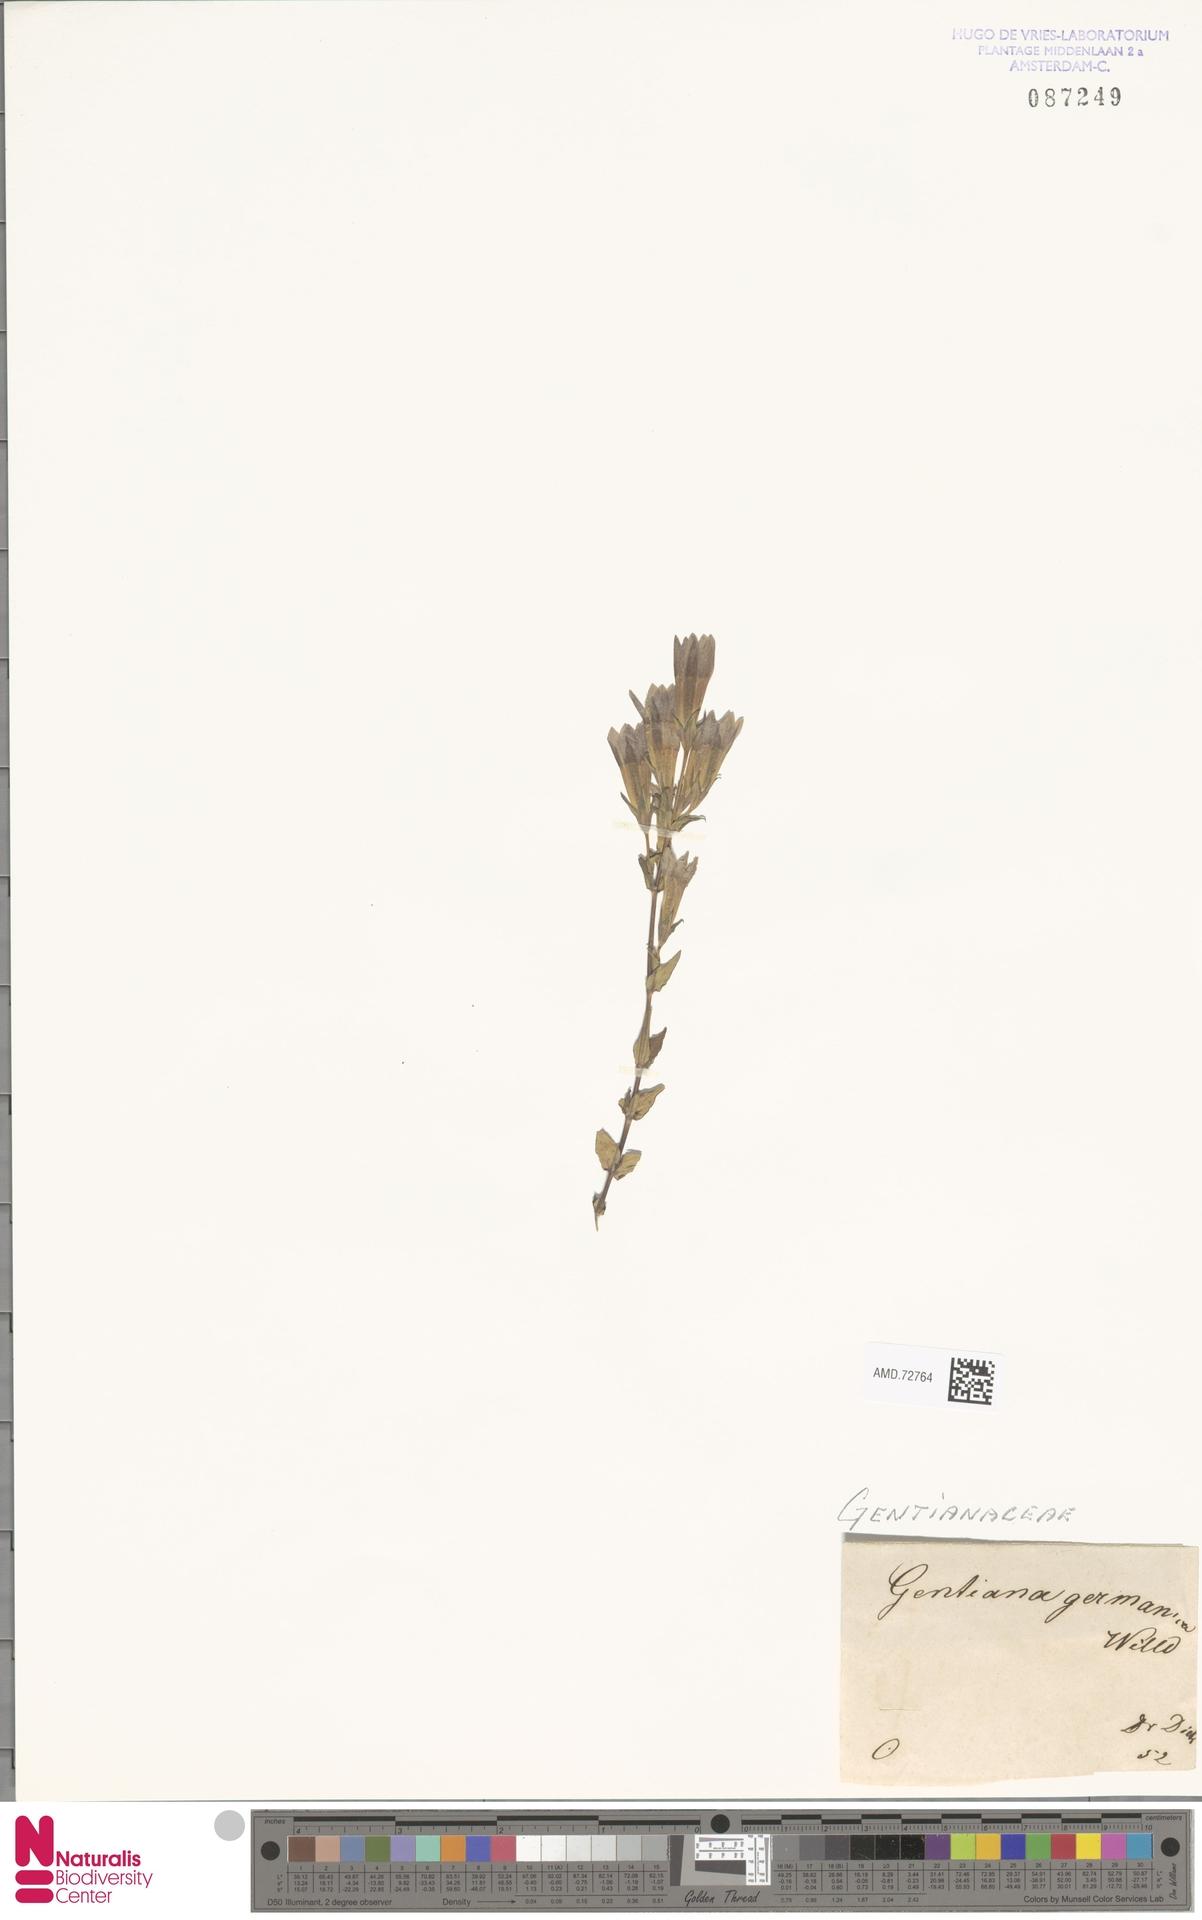 AMD.72764 | Gentianella germanica (Willd.) E.F.Warb.